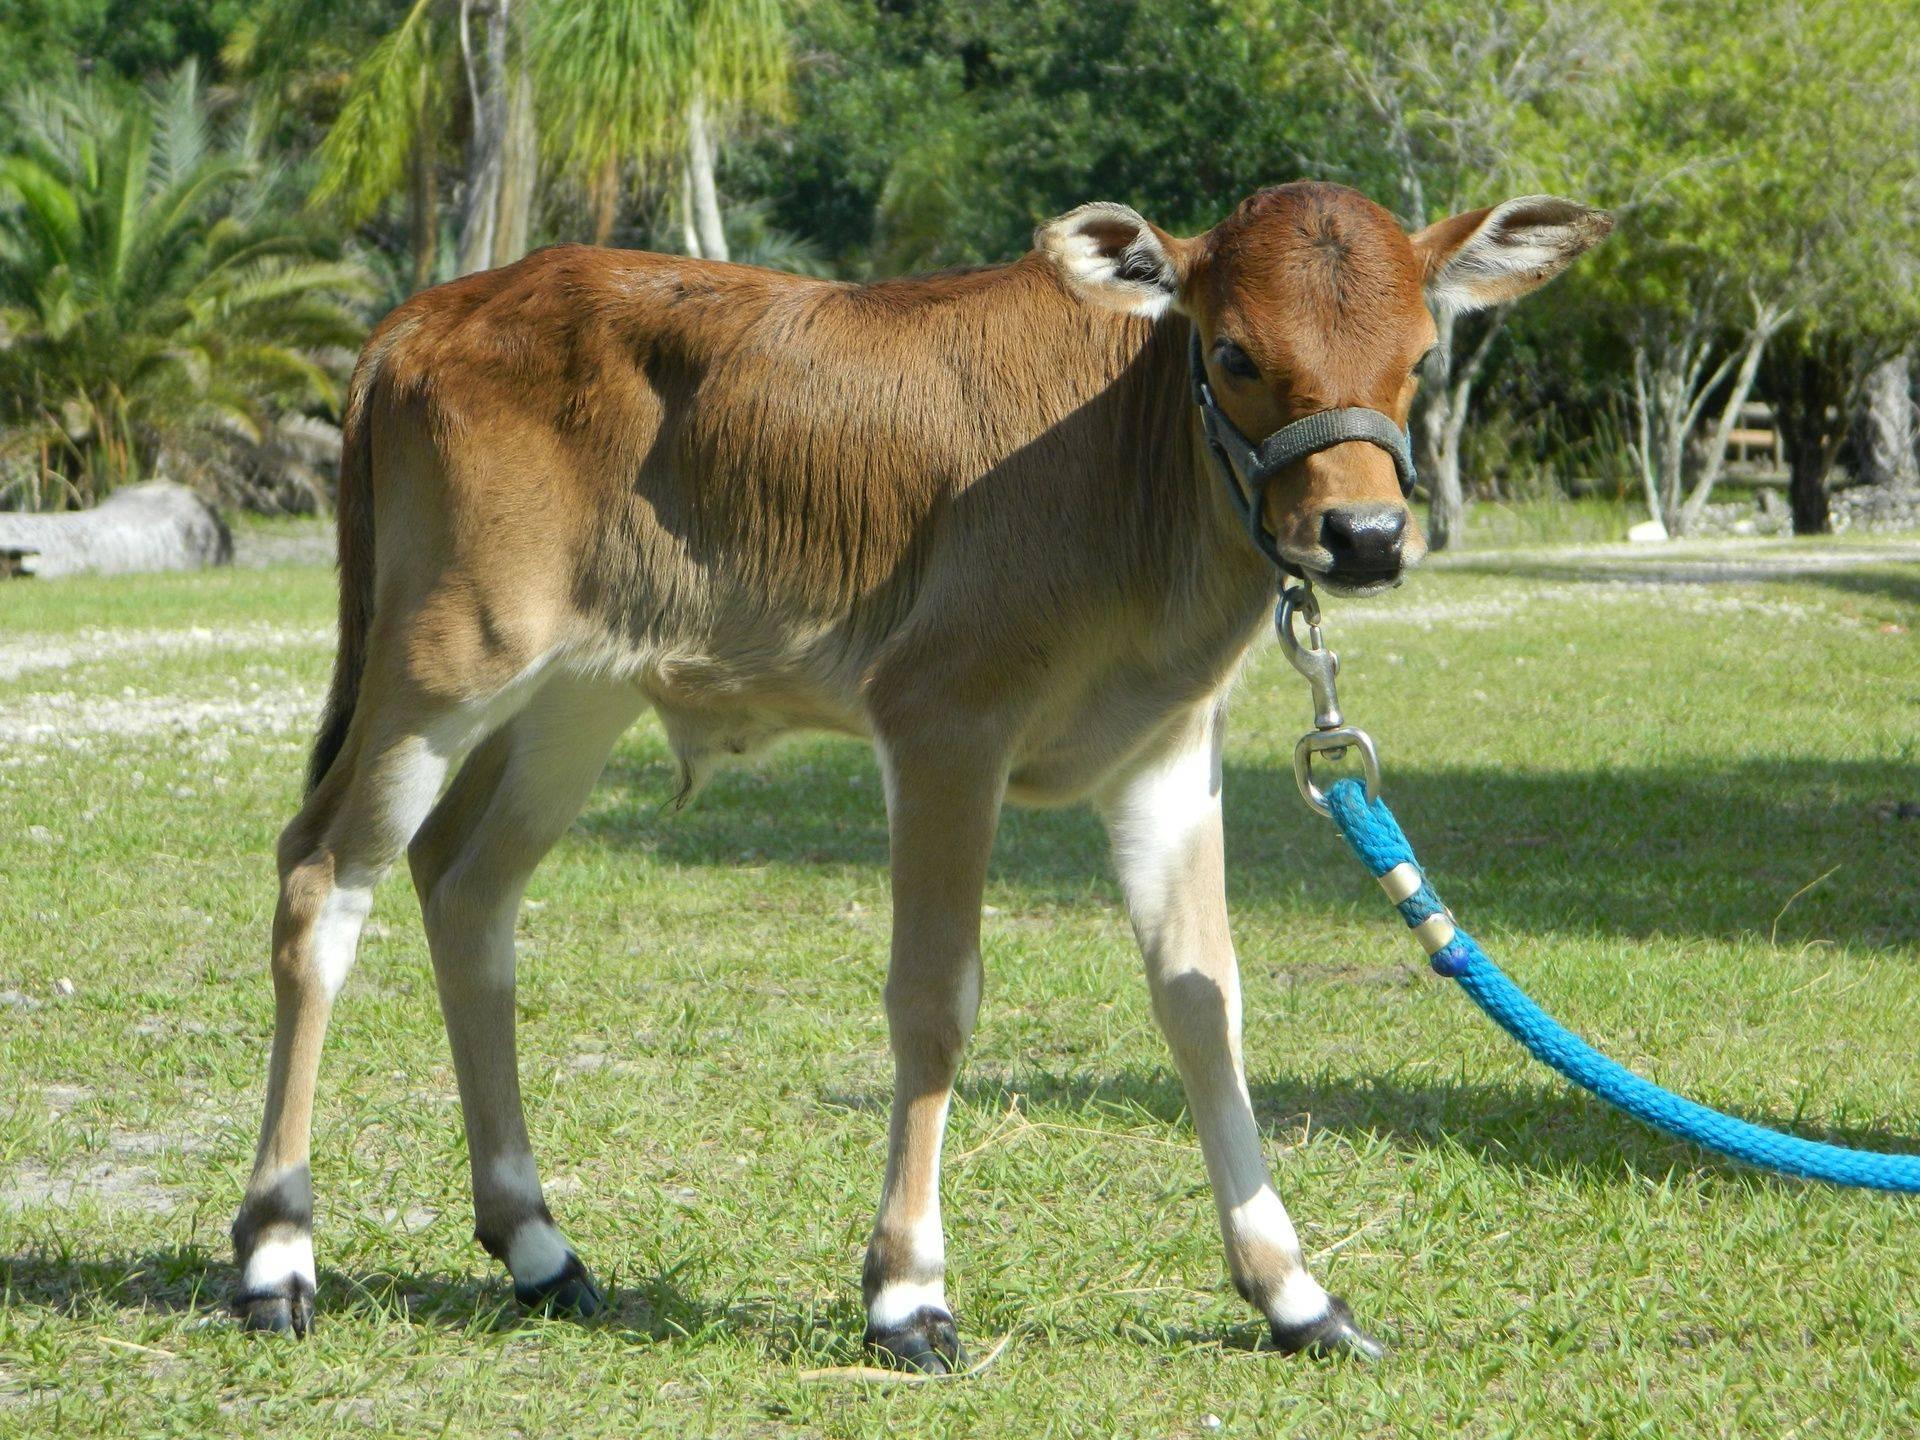 Miniature Zebu Cattle For Sale In Florida